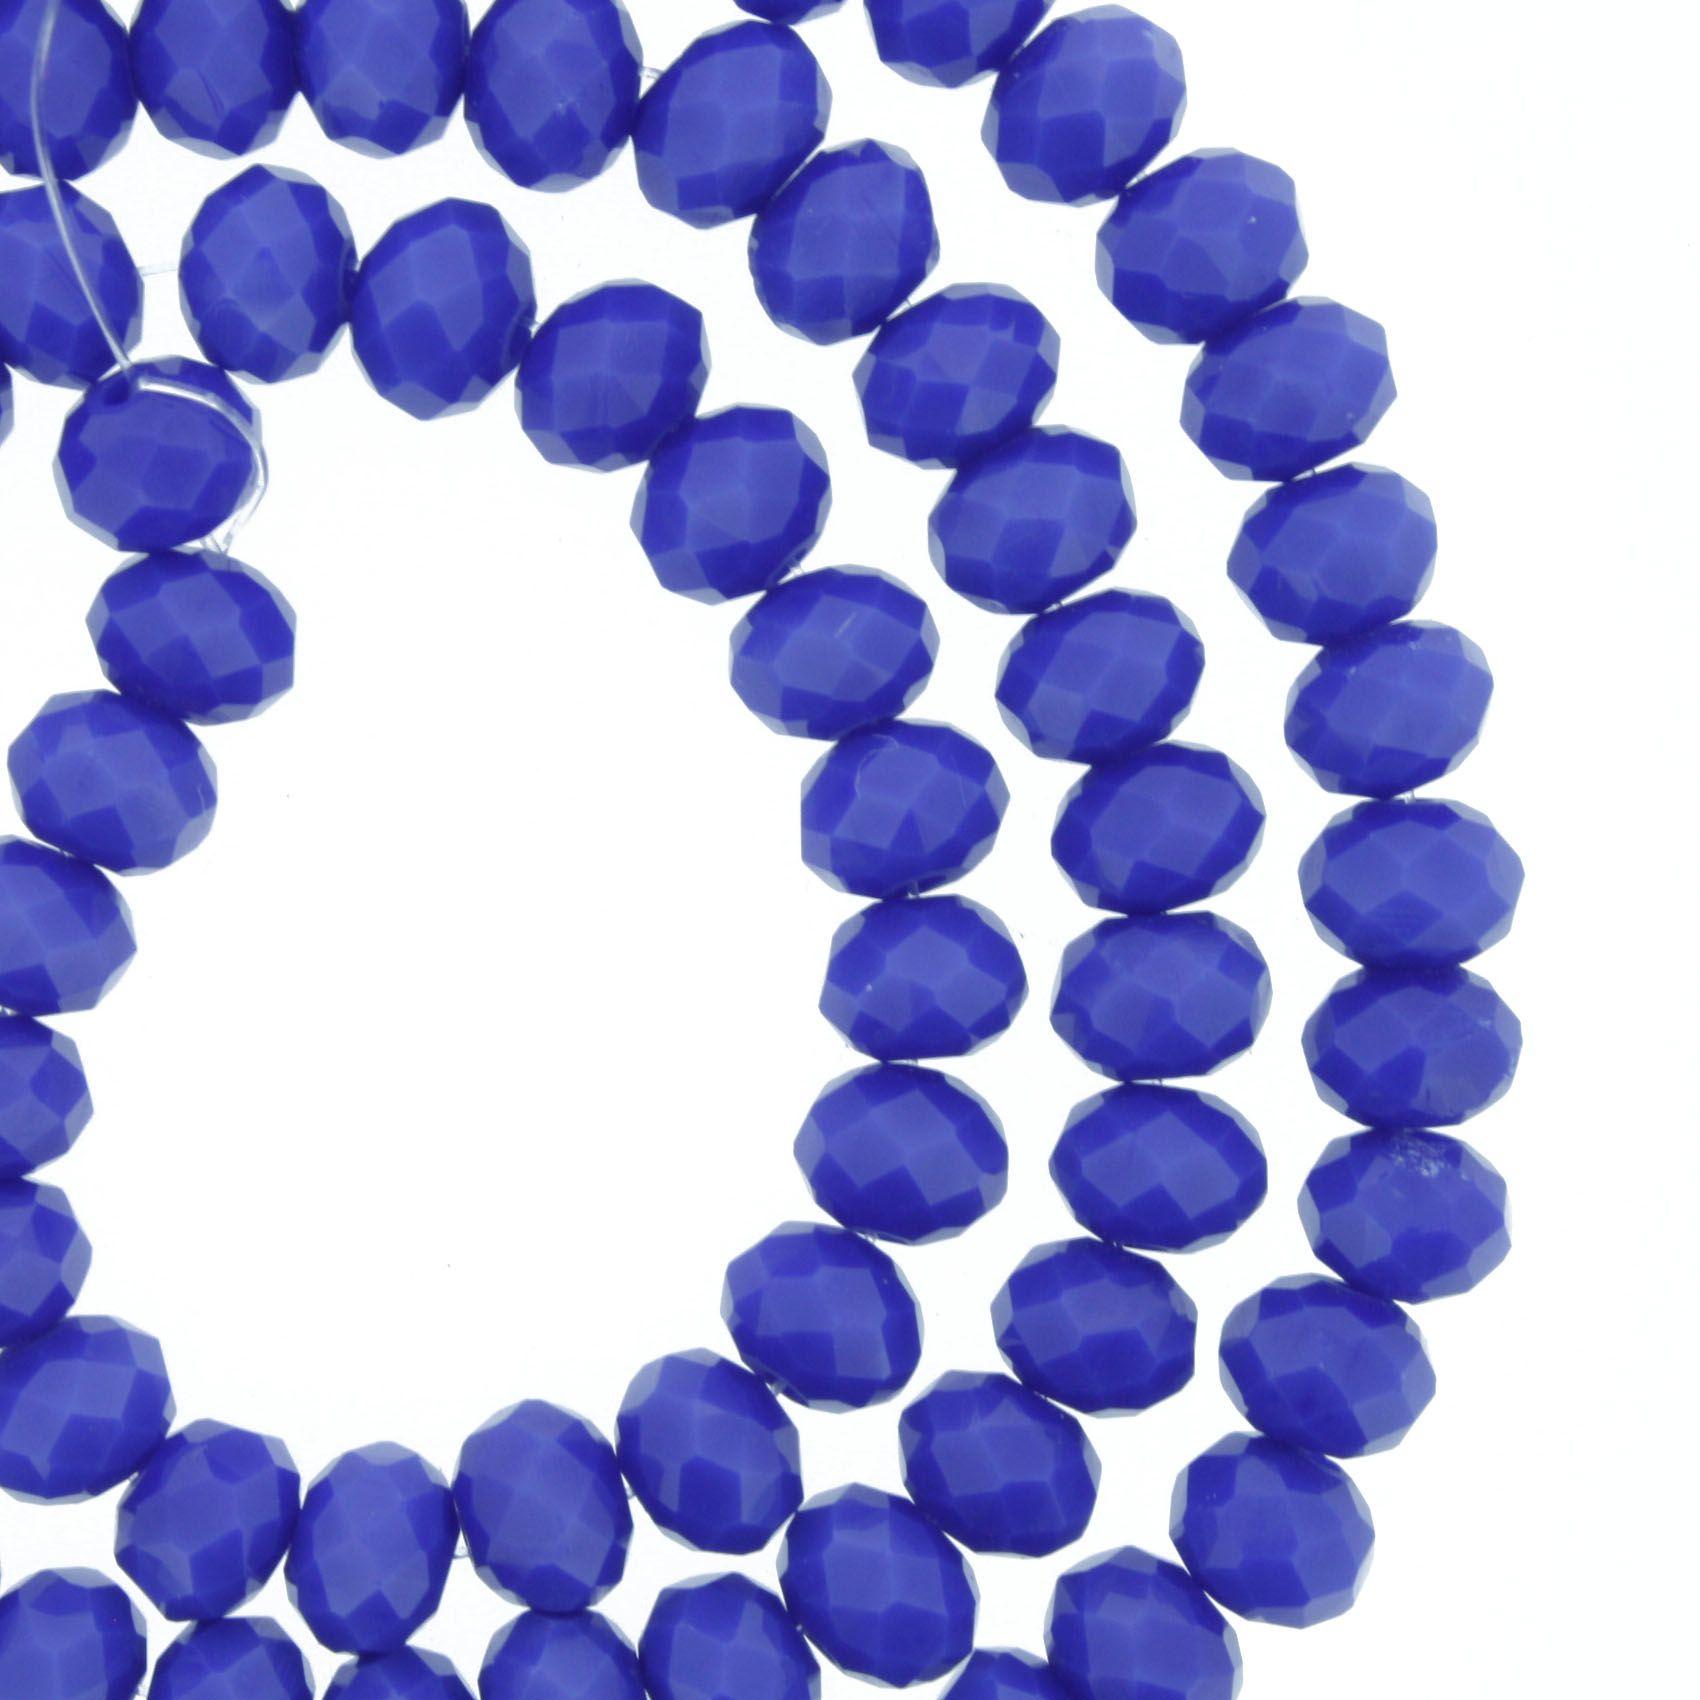 Fio de Cristal - Flat® - Azul Royal - 6mm  - Stéphanie Bijoux® - Peças para Bijuterias e Artesanato